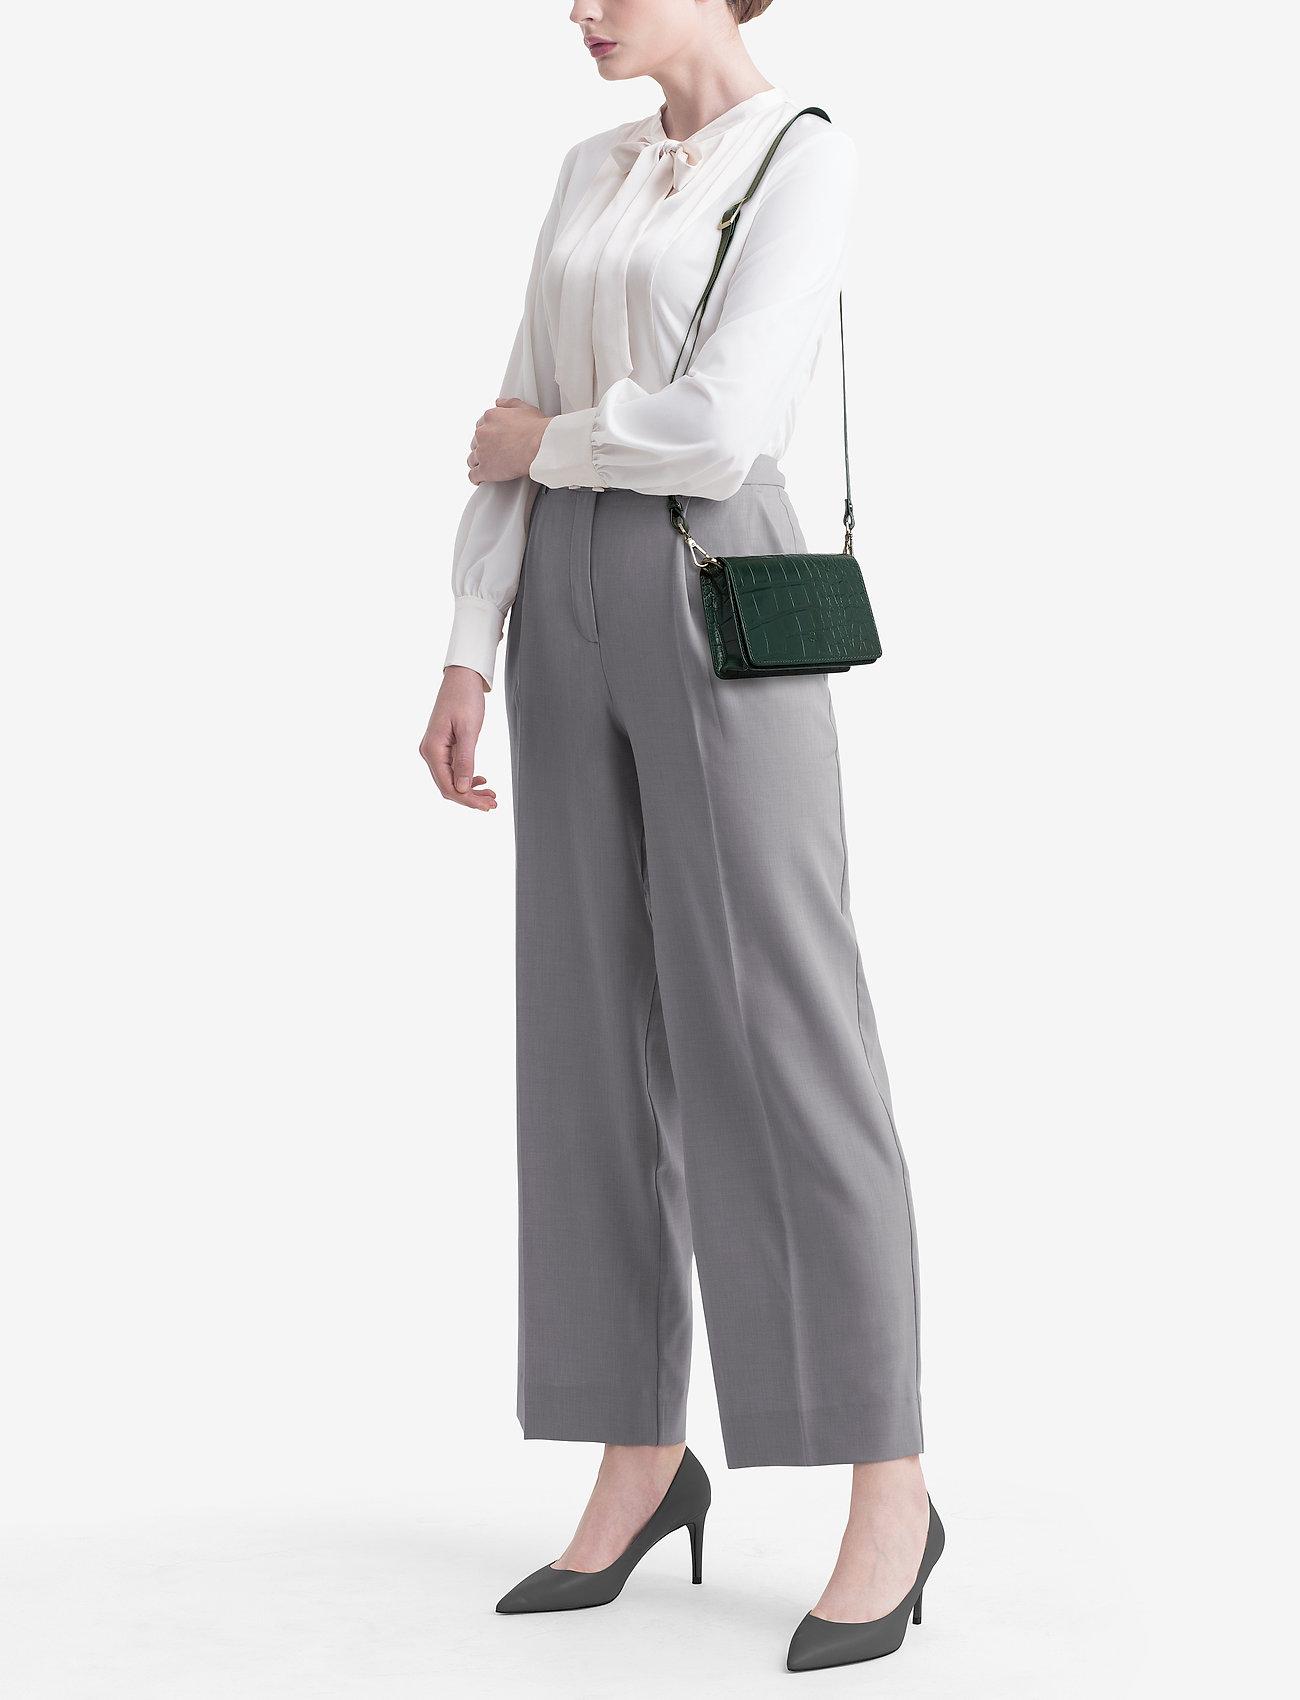 Adax Teramo shoulder bag Lykke - GREEN